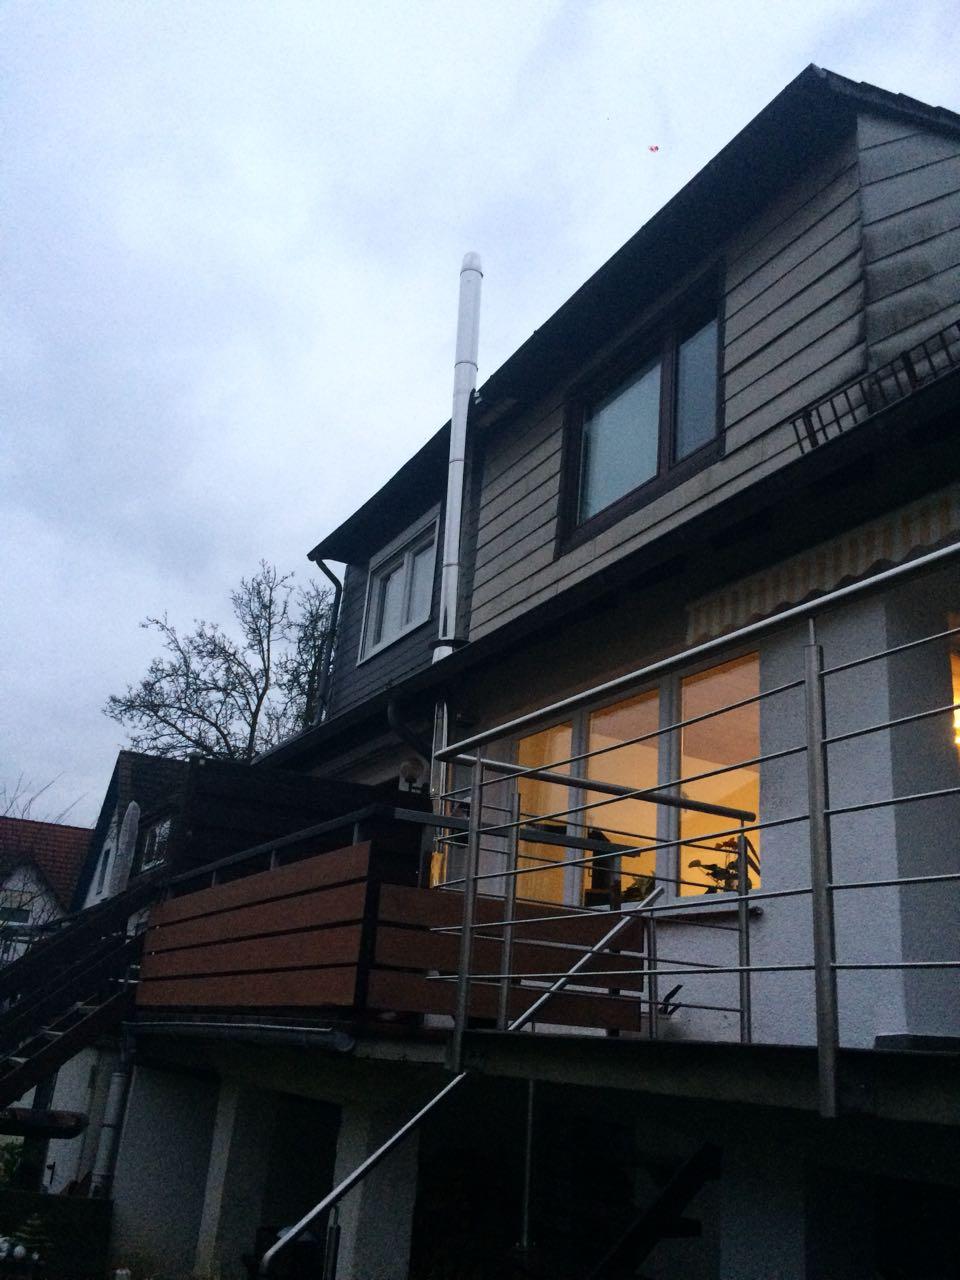 Haus mit Außenschornstein und Abgasklappe